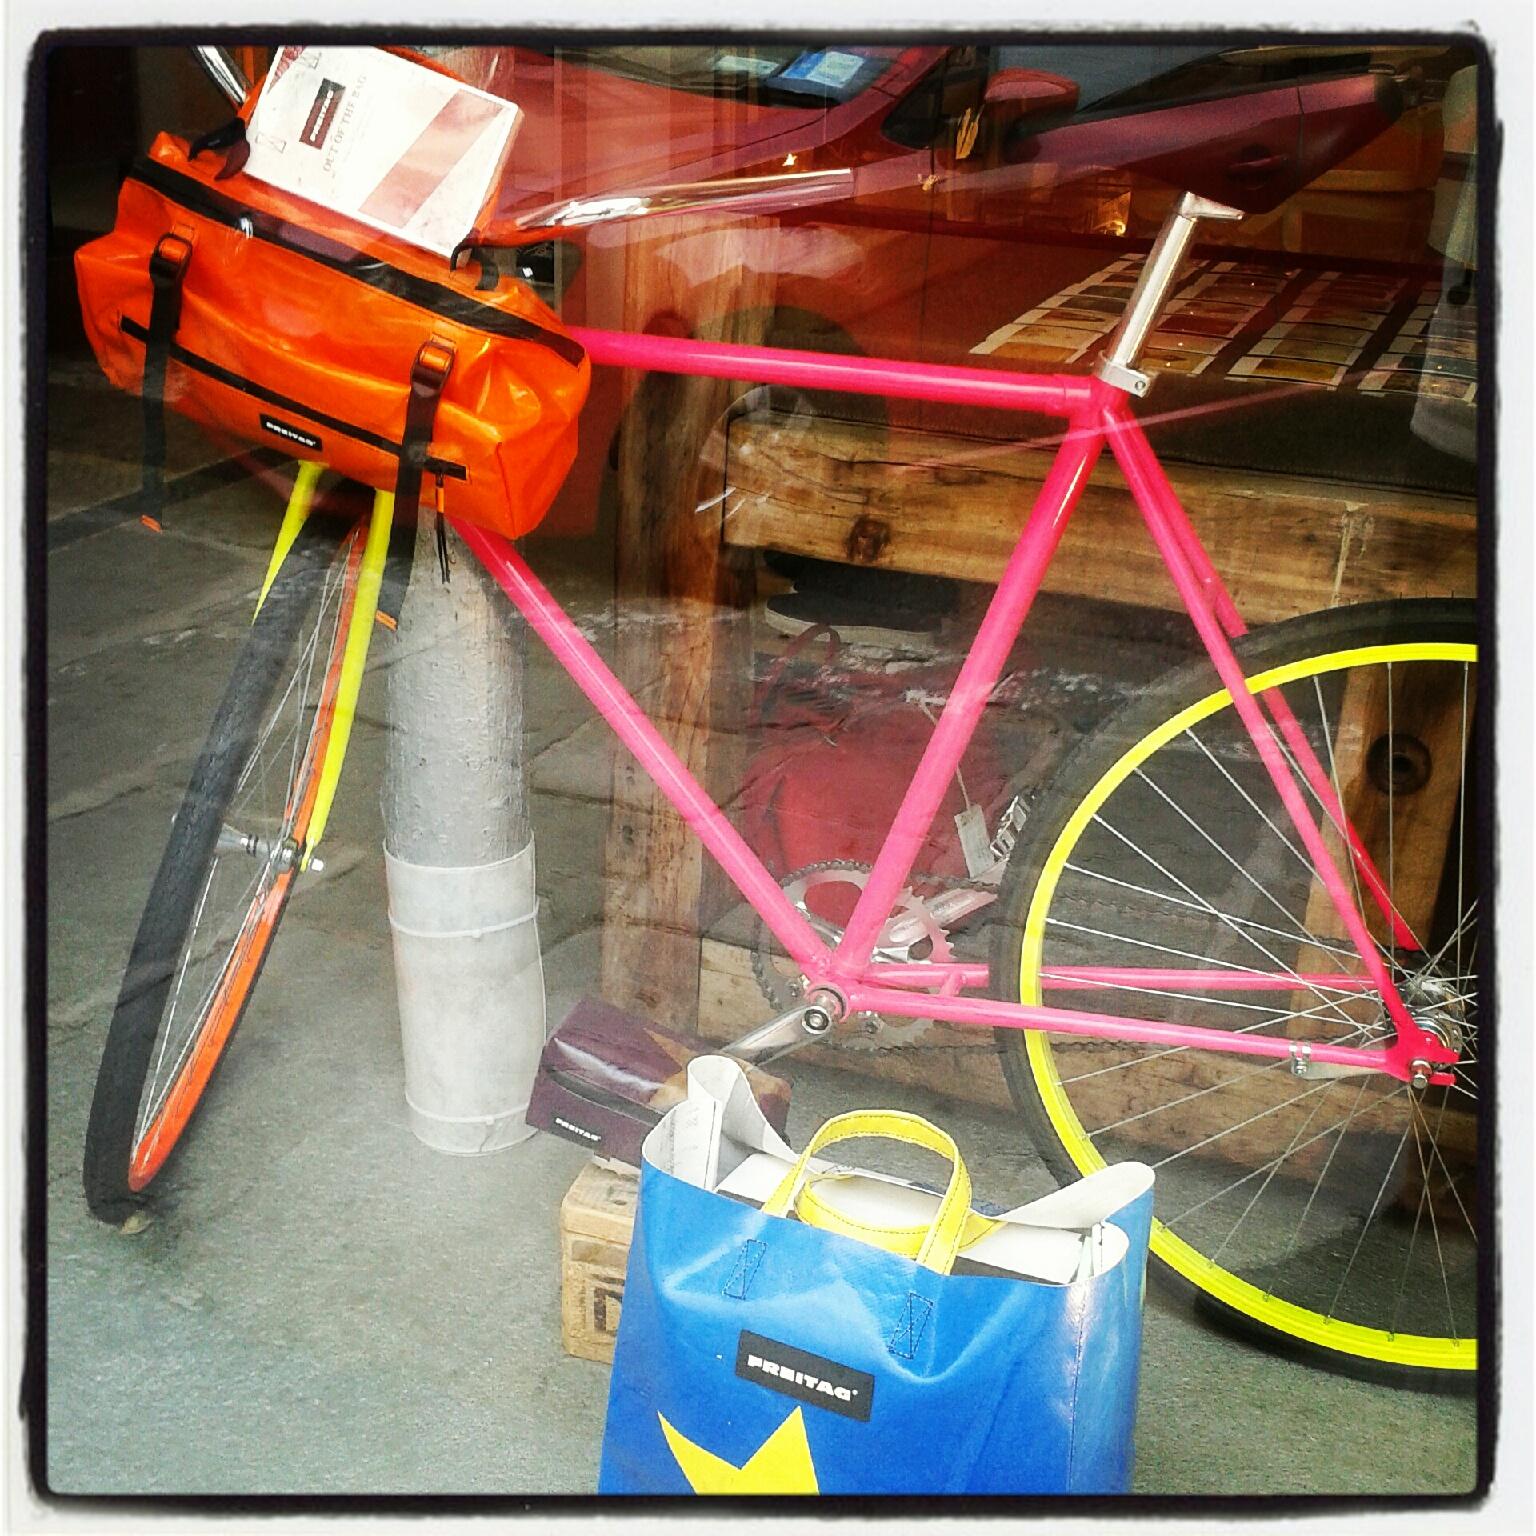 Triste ed inutile come una bici in vetrina schiava della moda